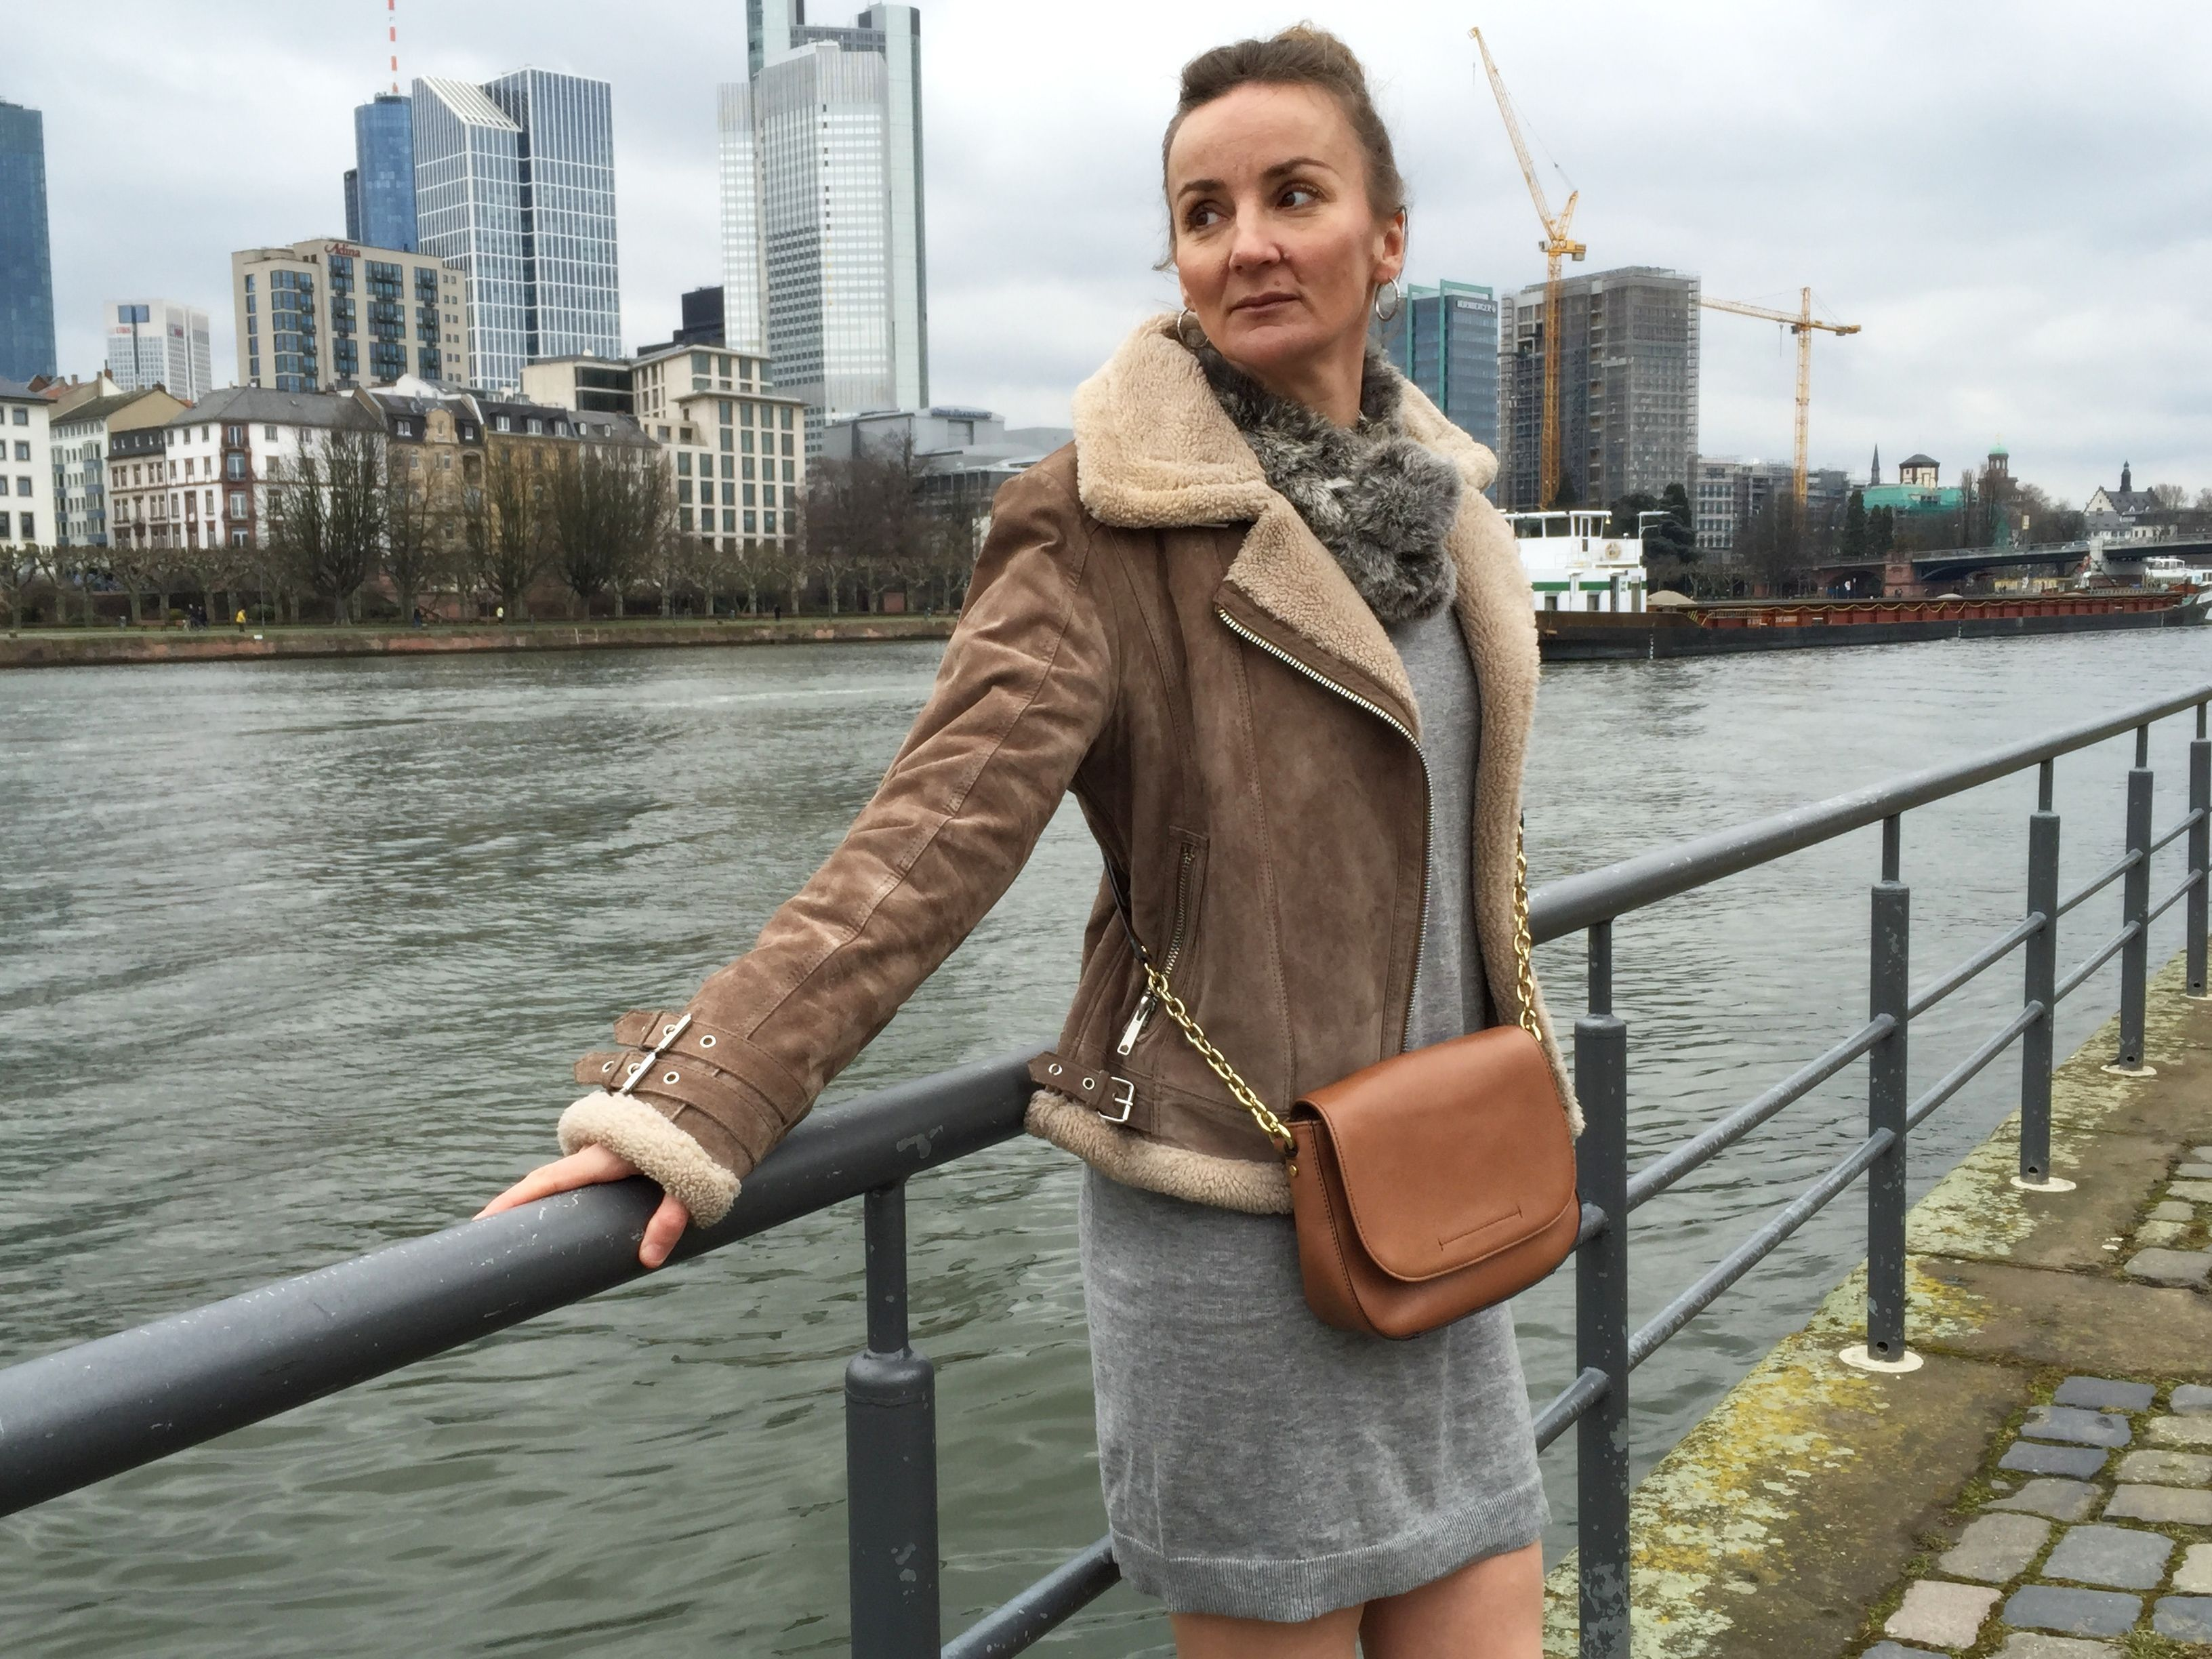 Grey Knitdress OTK Boots Beige Shearling Jacket - City Style Frankfurt   Oceanblue Style